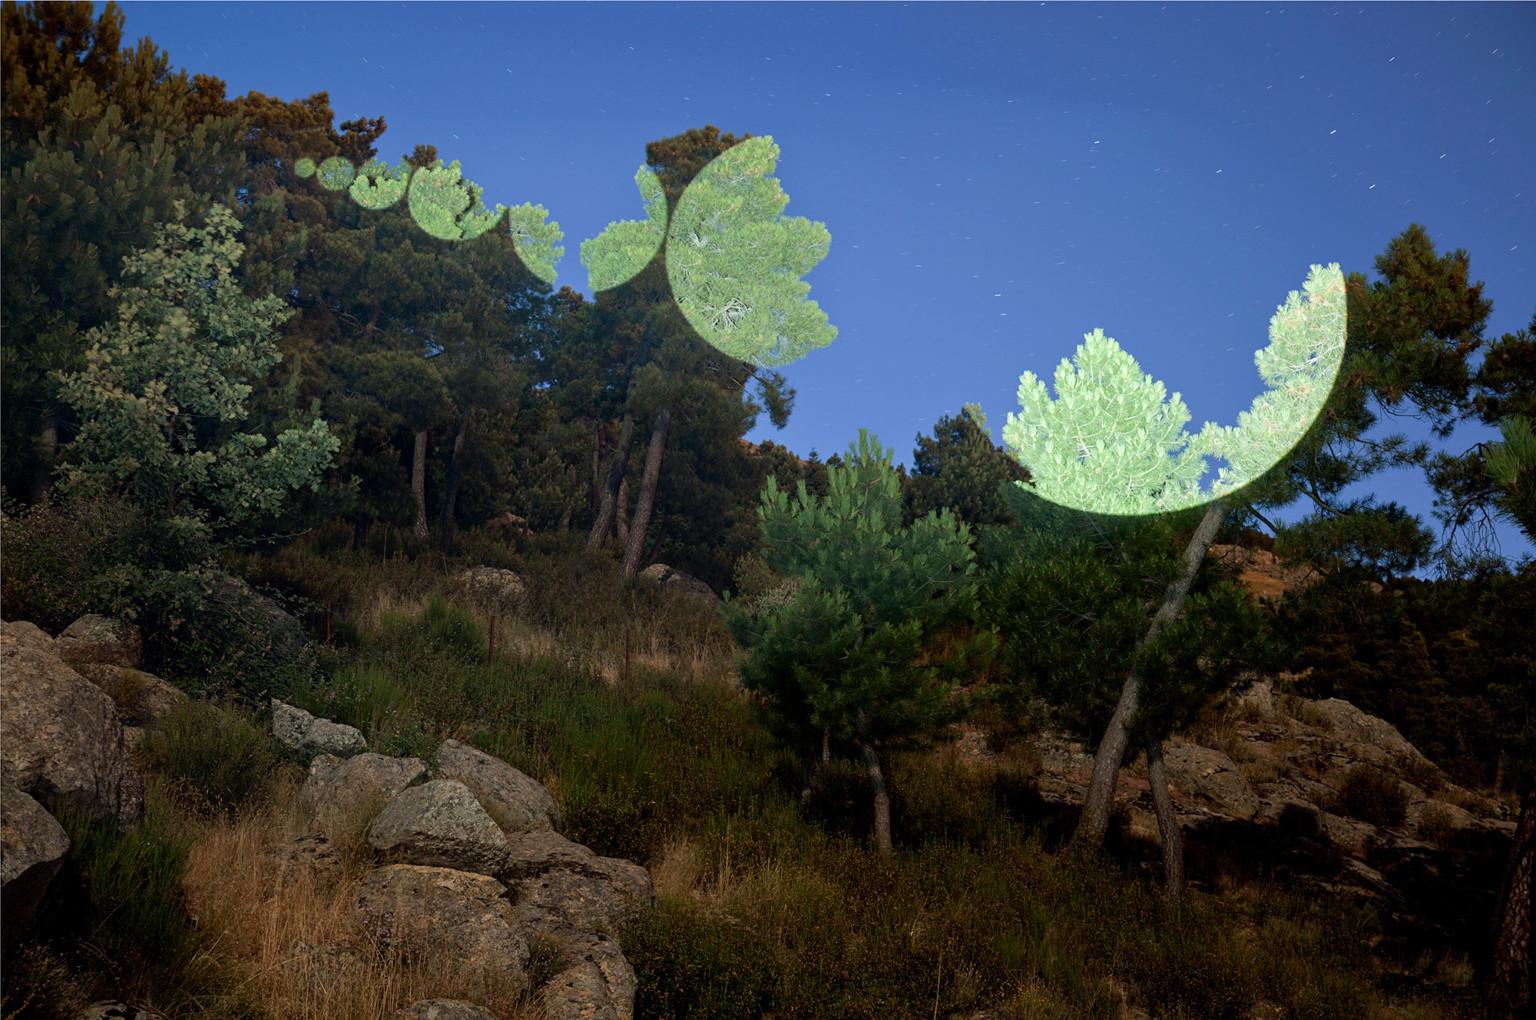 fotografía del trabajo artístico de Javier Riera